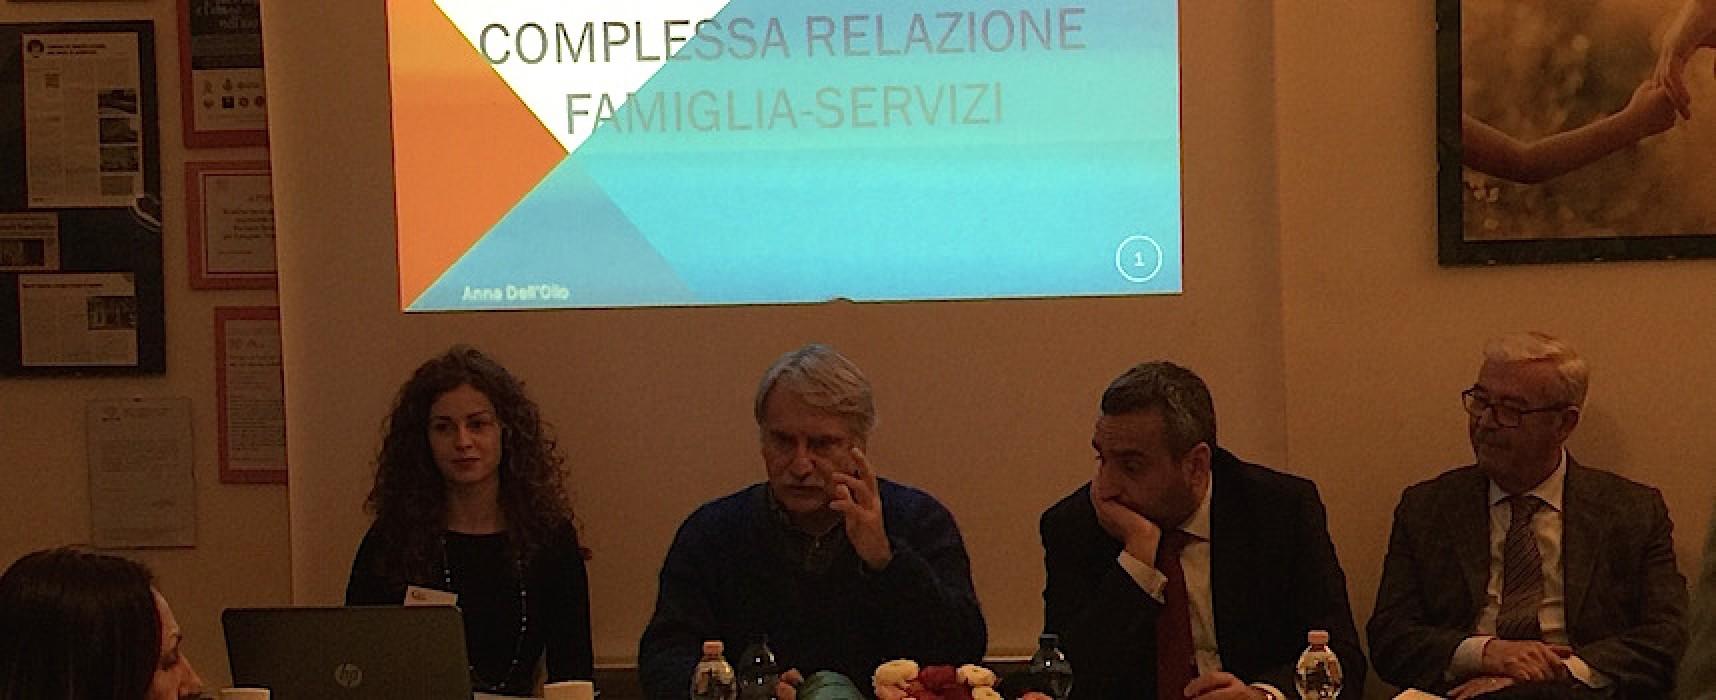 Crisi educativa e difficoltà dei minori: Paolo Crepet ospite ieri al Centro d'ascolto